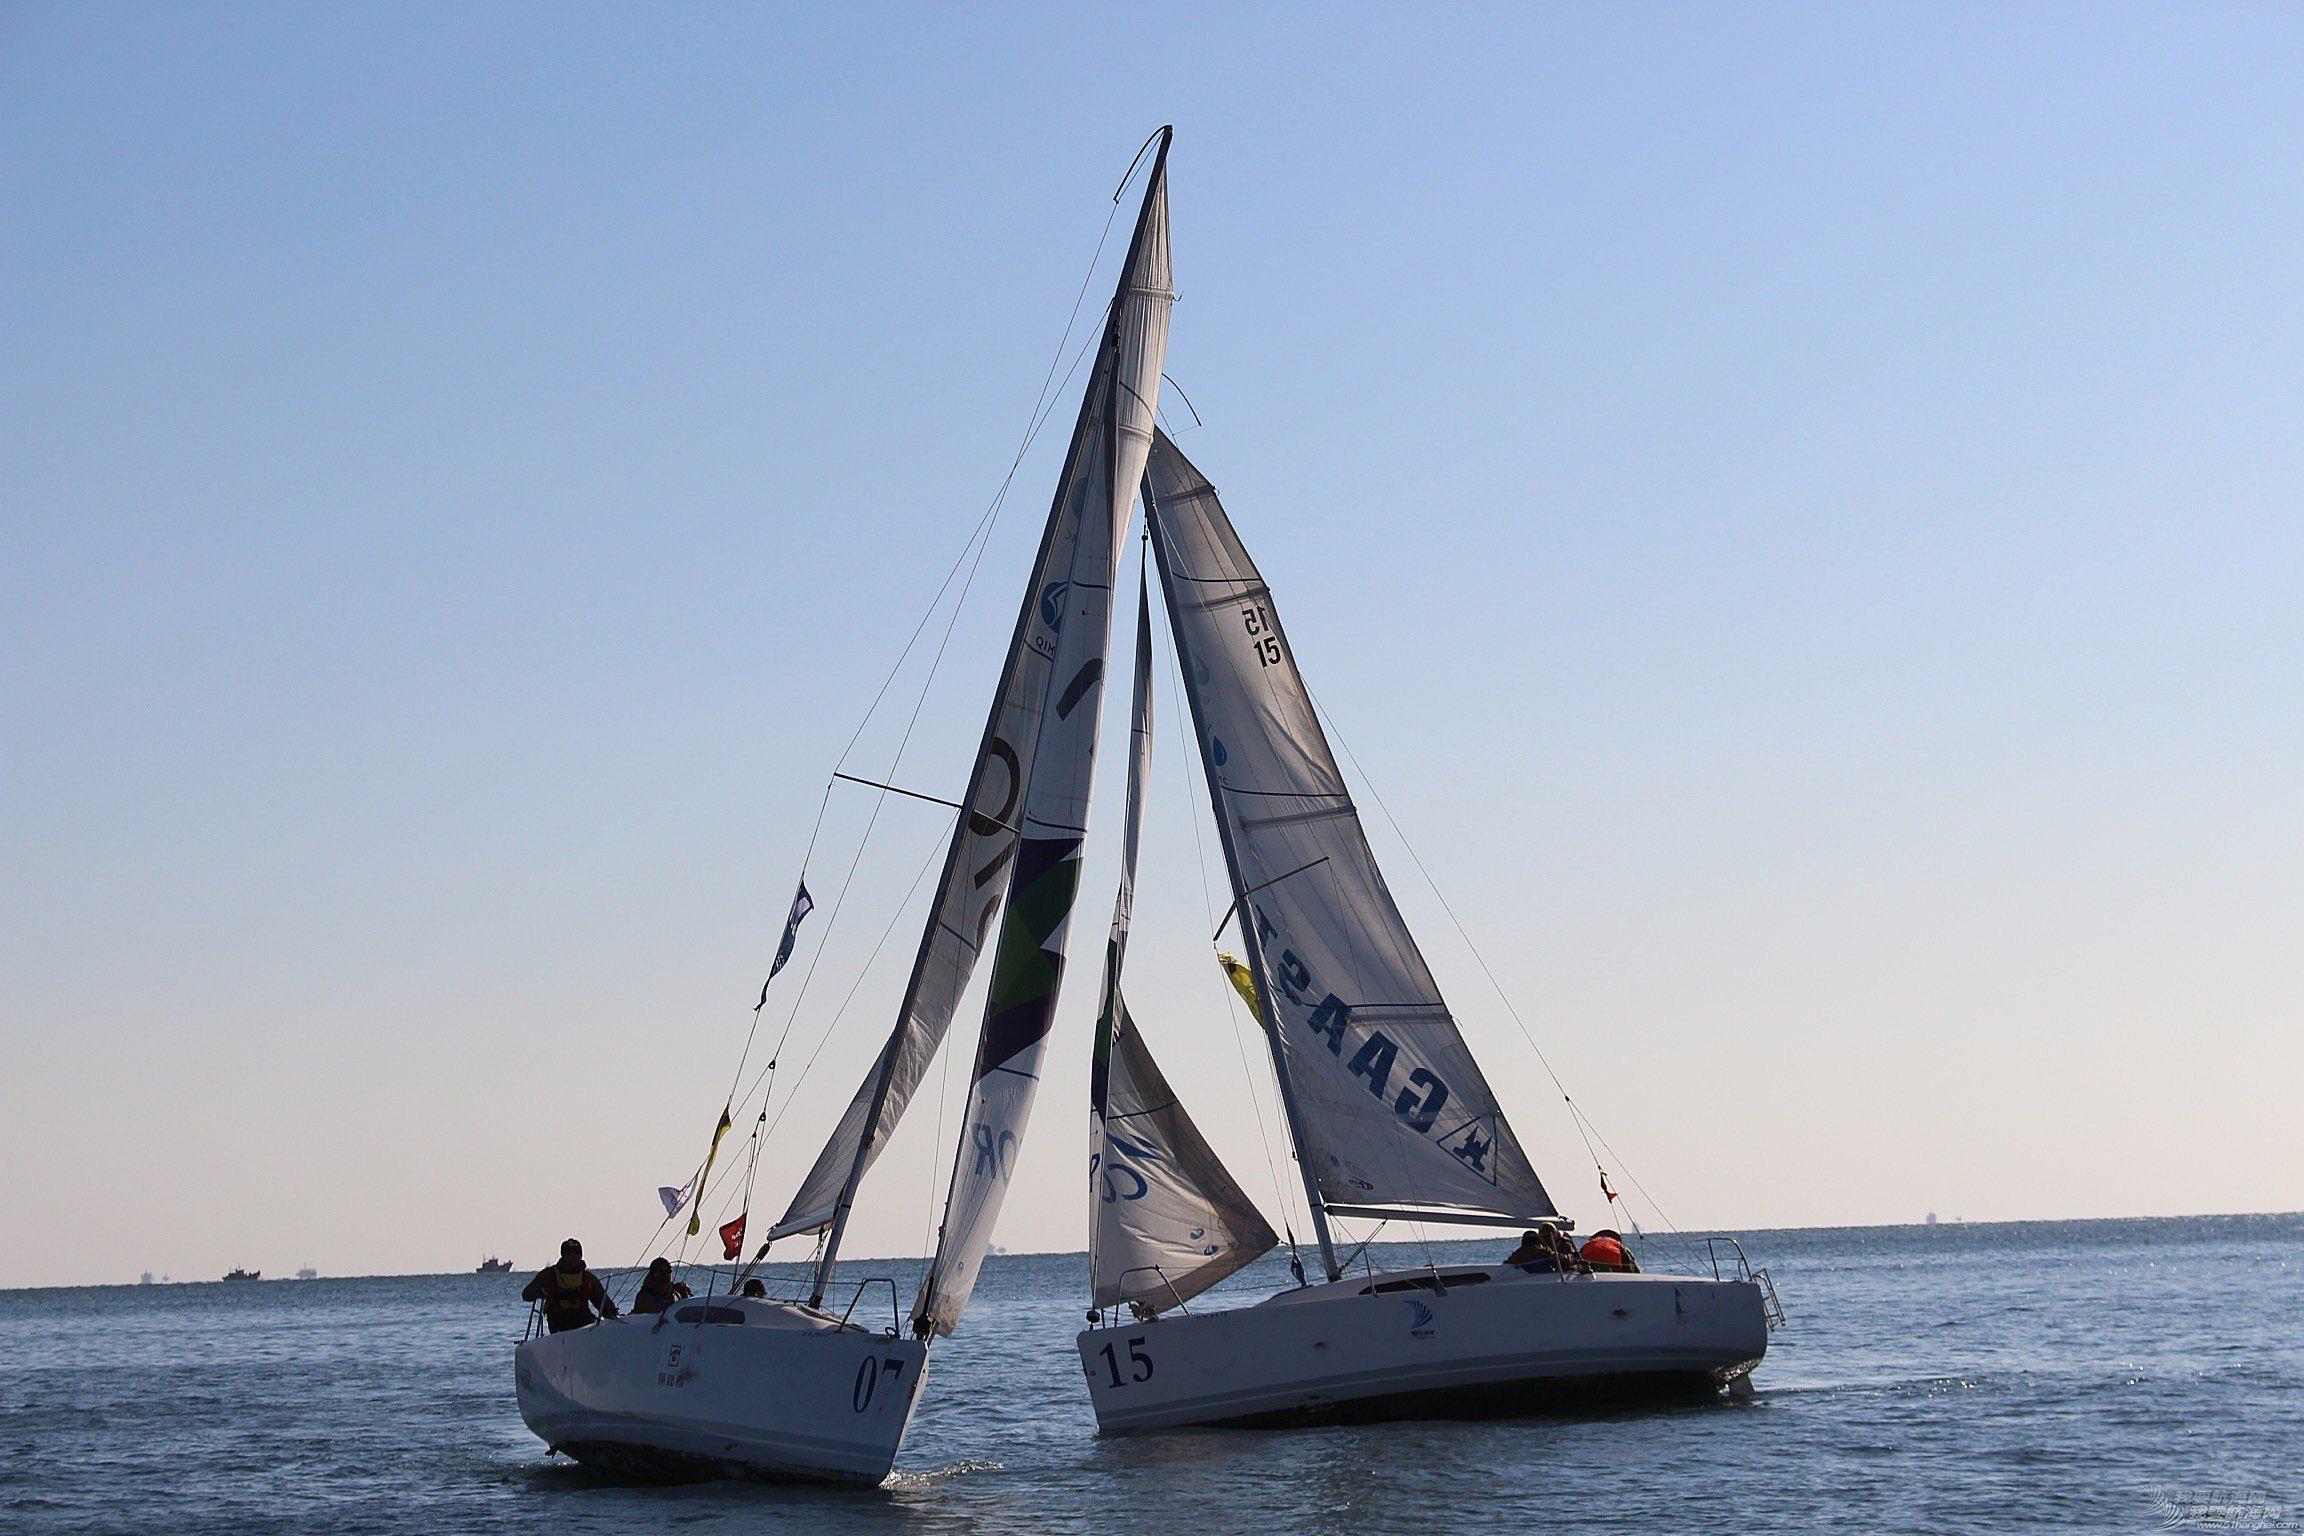 我要航海网帆船队招募参加第六届【CCOR】城市俱乐部国际帆船赛-队员